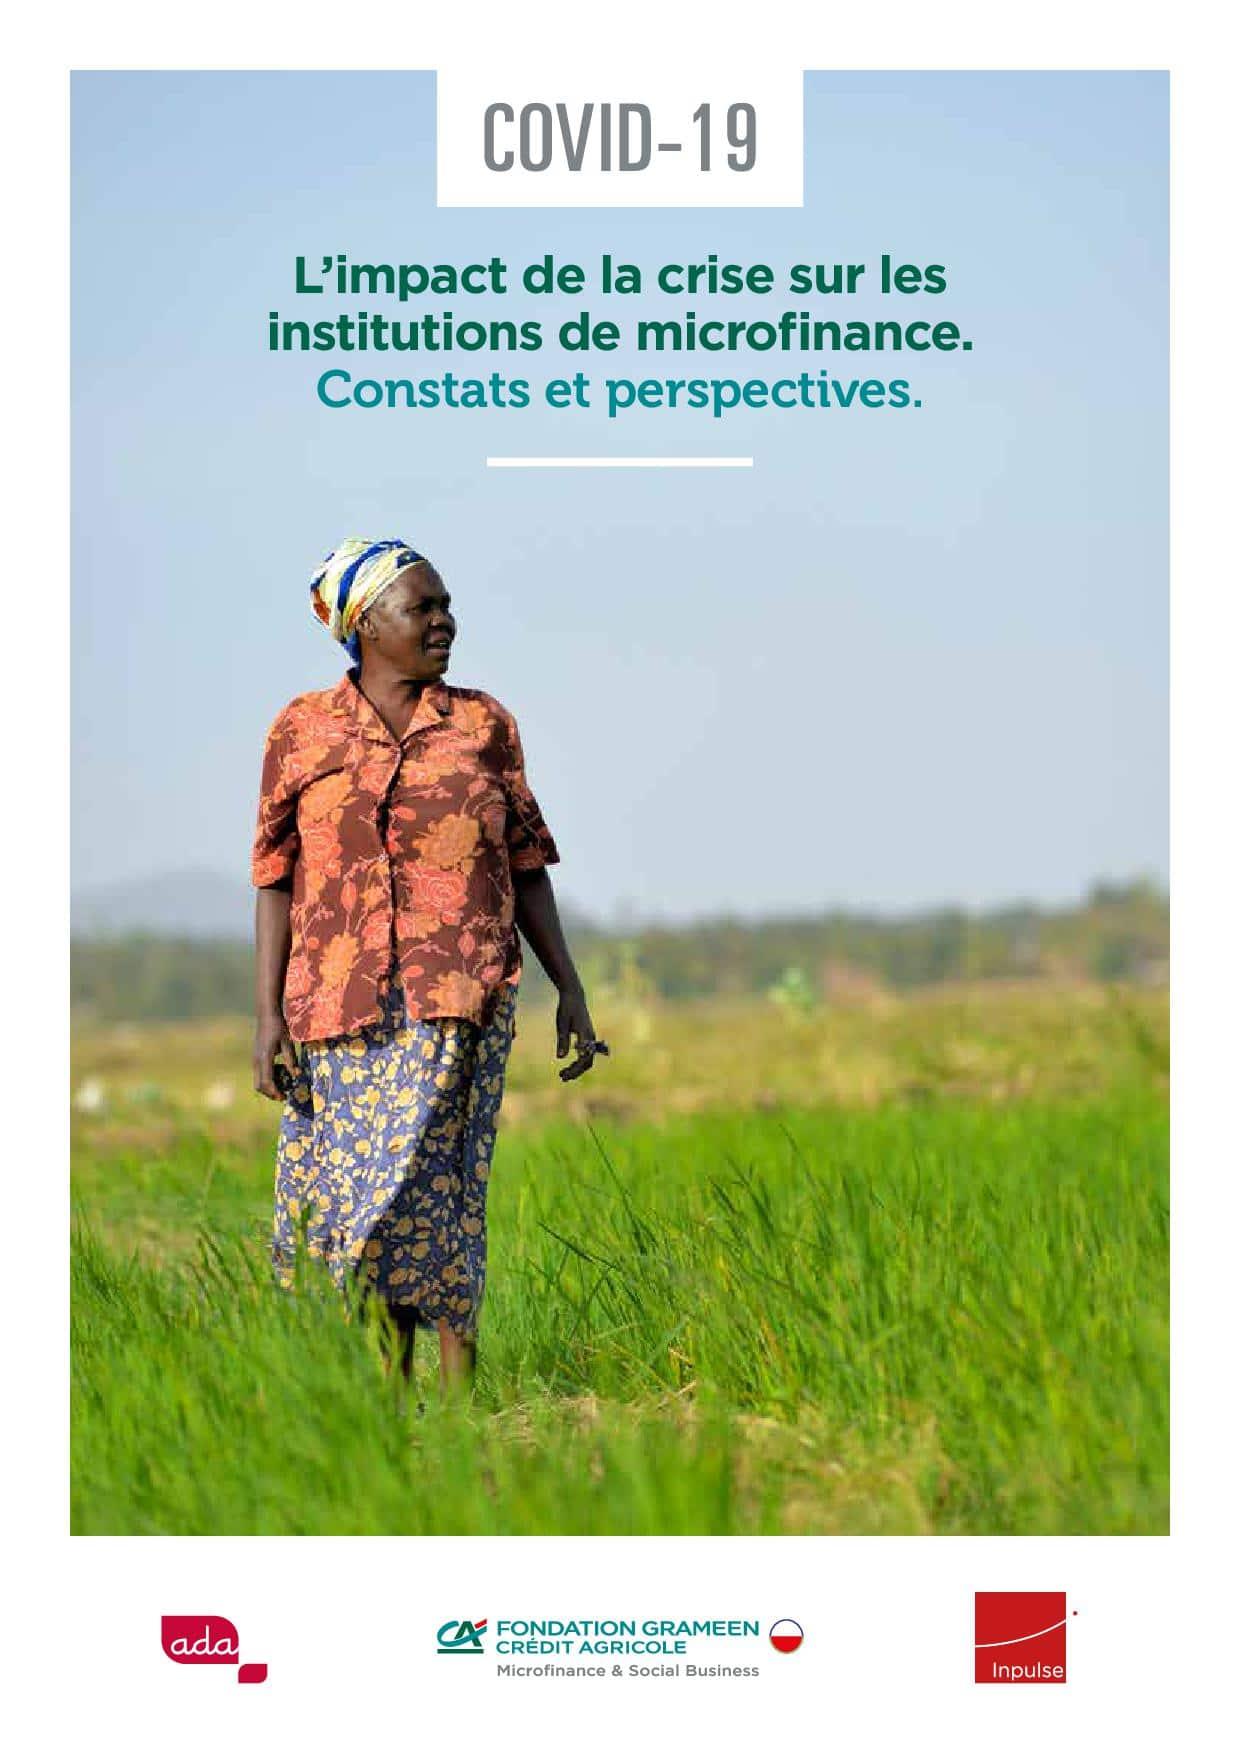 L'impact de la crise sur les institutions de microfinance